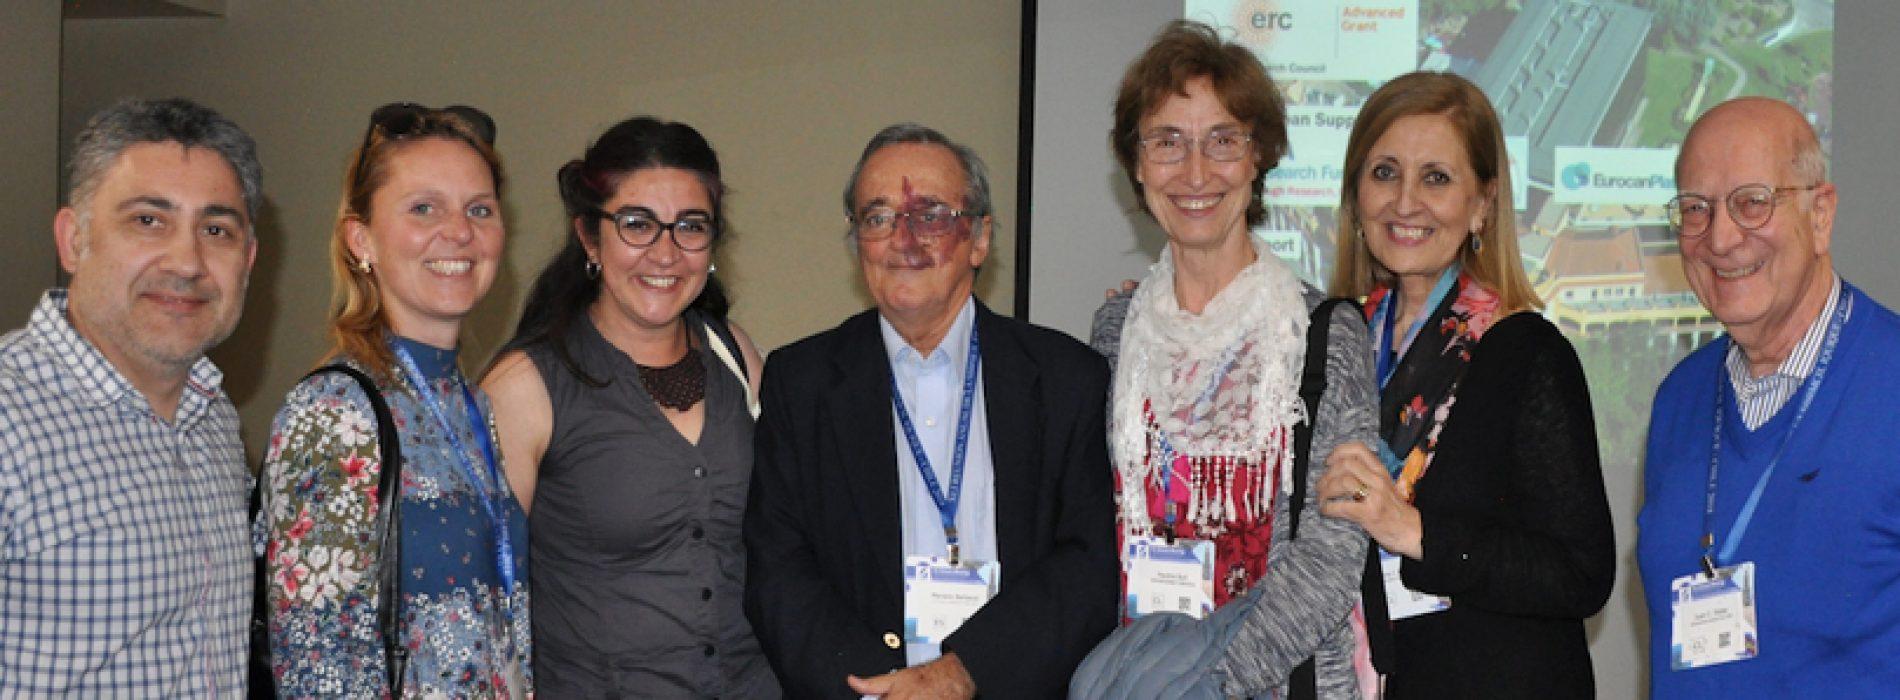 Fotografías congreso SBBMCh 2018 de Norberto A. Guzman